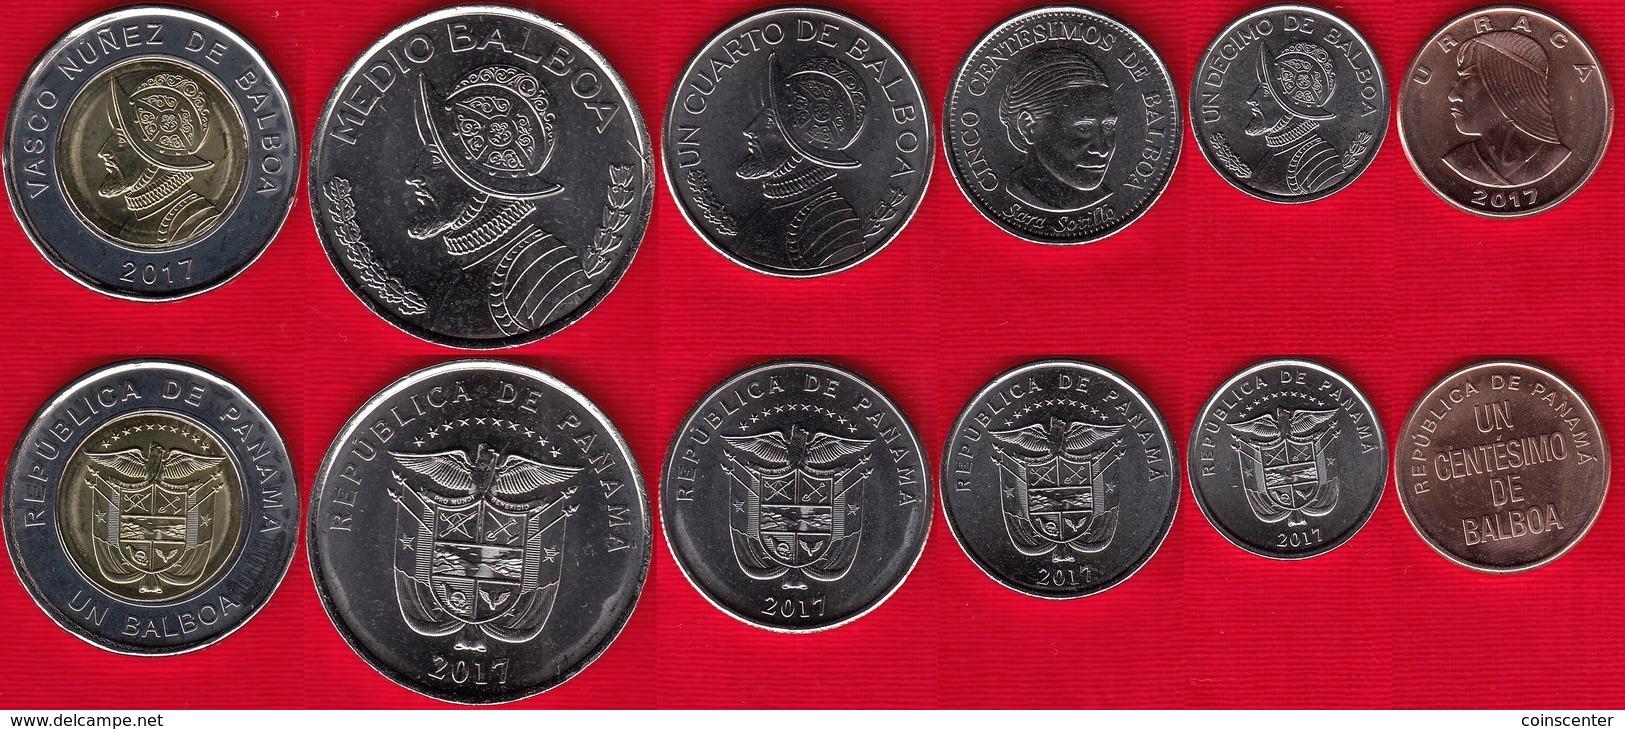 1//2 balboa 2018 UNC Panama set of 5 coins 1 centesimo